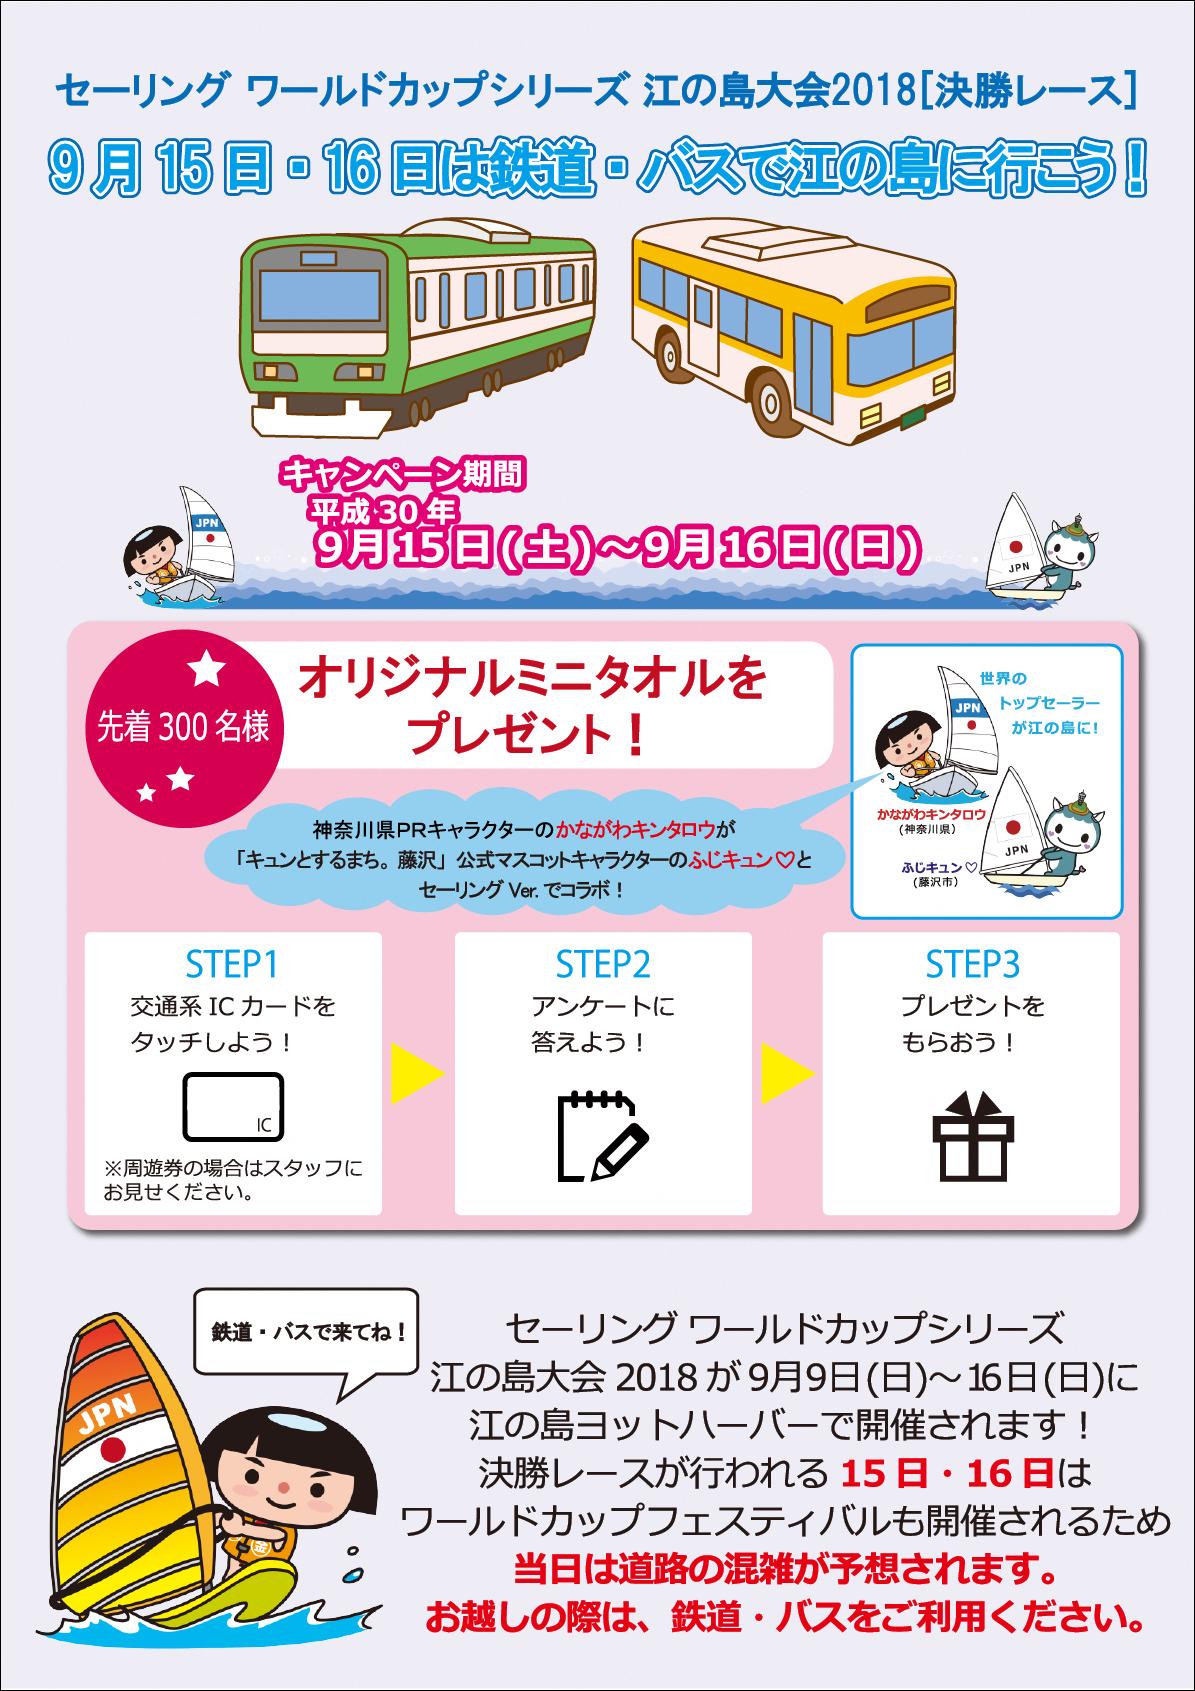 【藤沢】9月15日(土曜日)・16日(日曜日)は鉄道・バスで江の島に行こう!